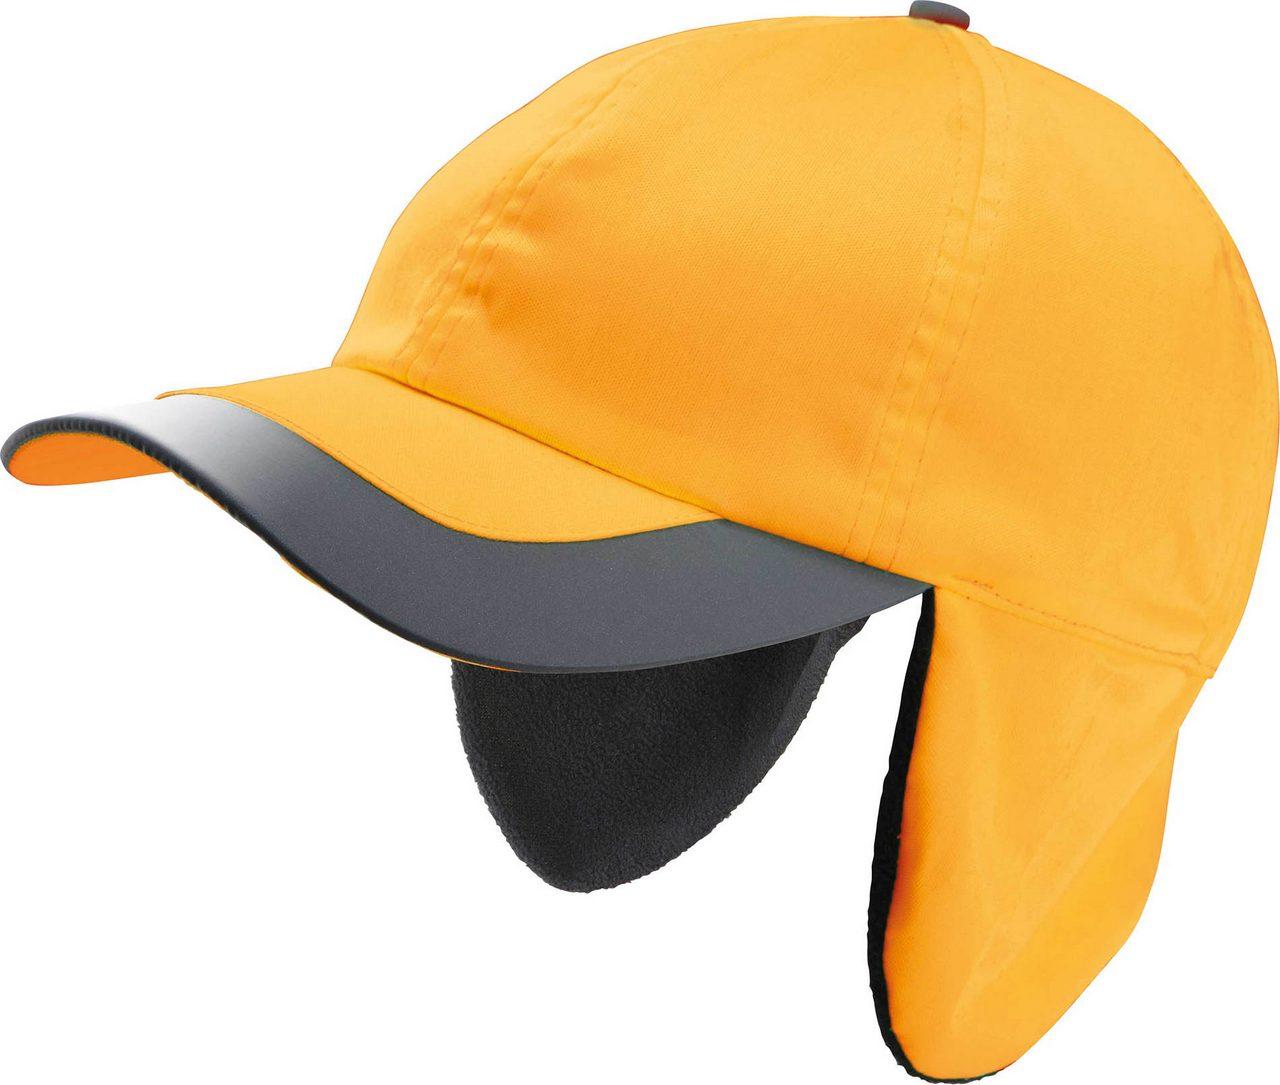 NEON WINTER CAP - 6 PANELS